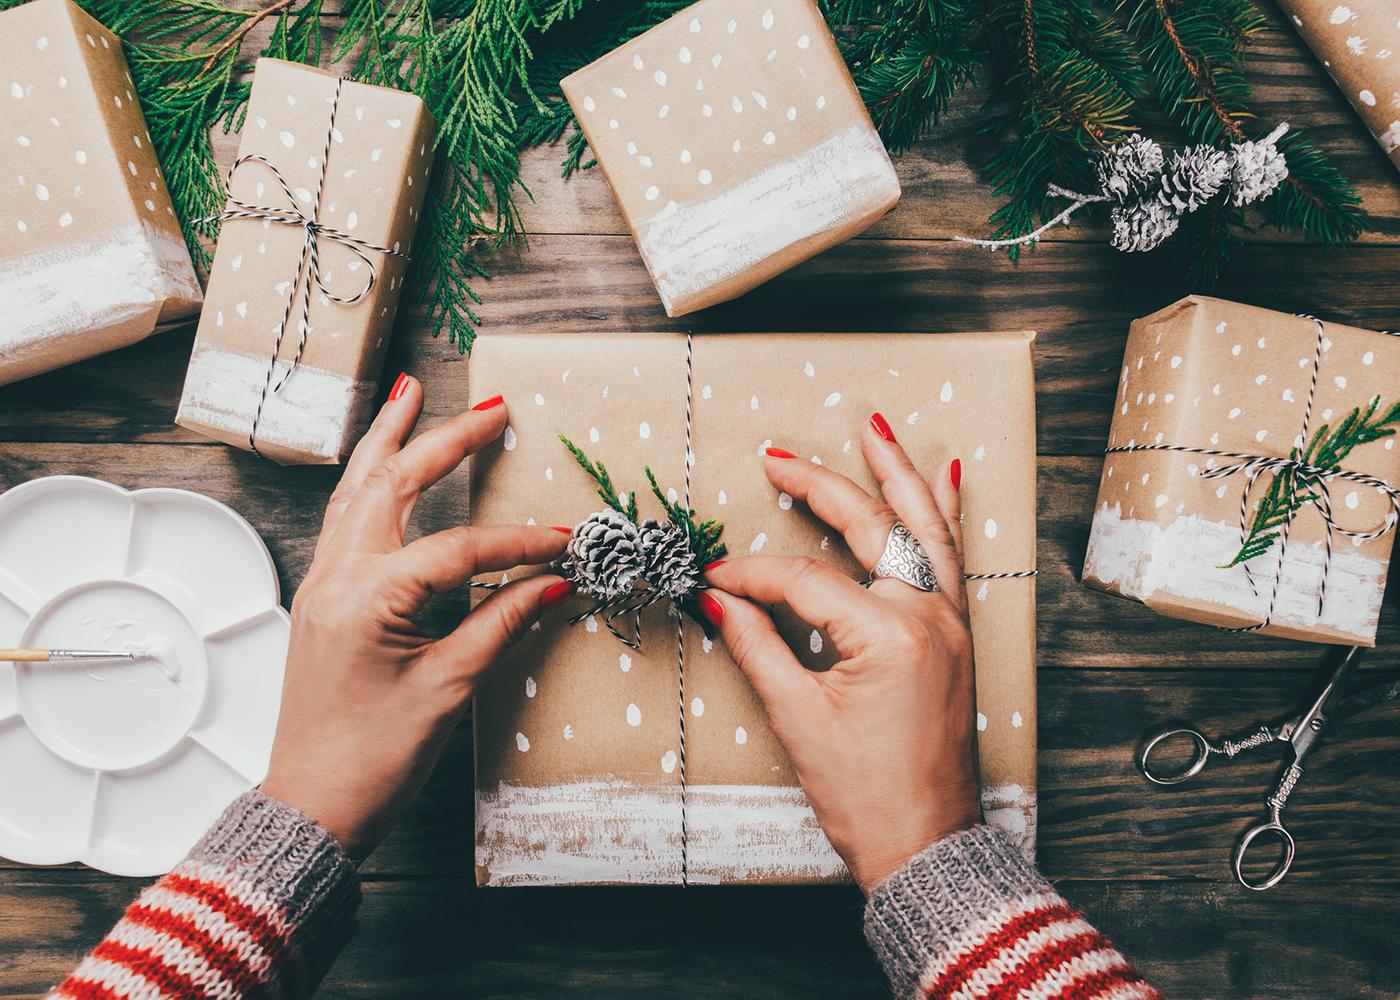 embrulhar presentes de natal